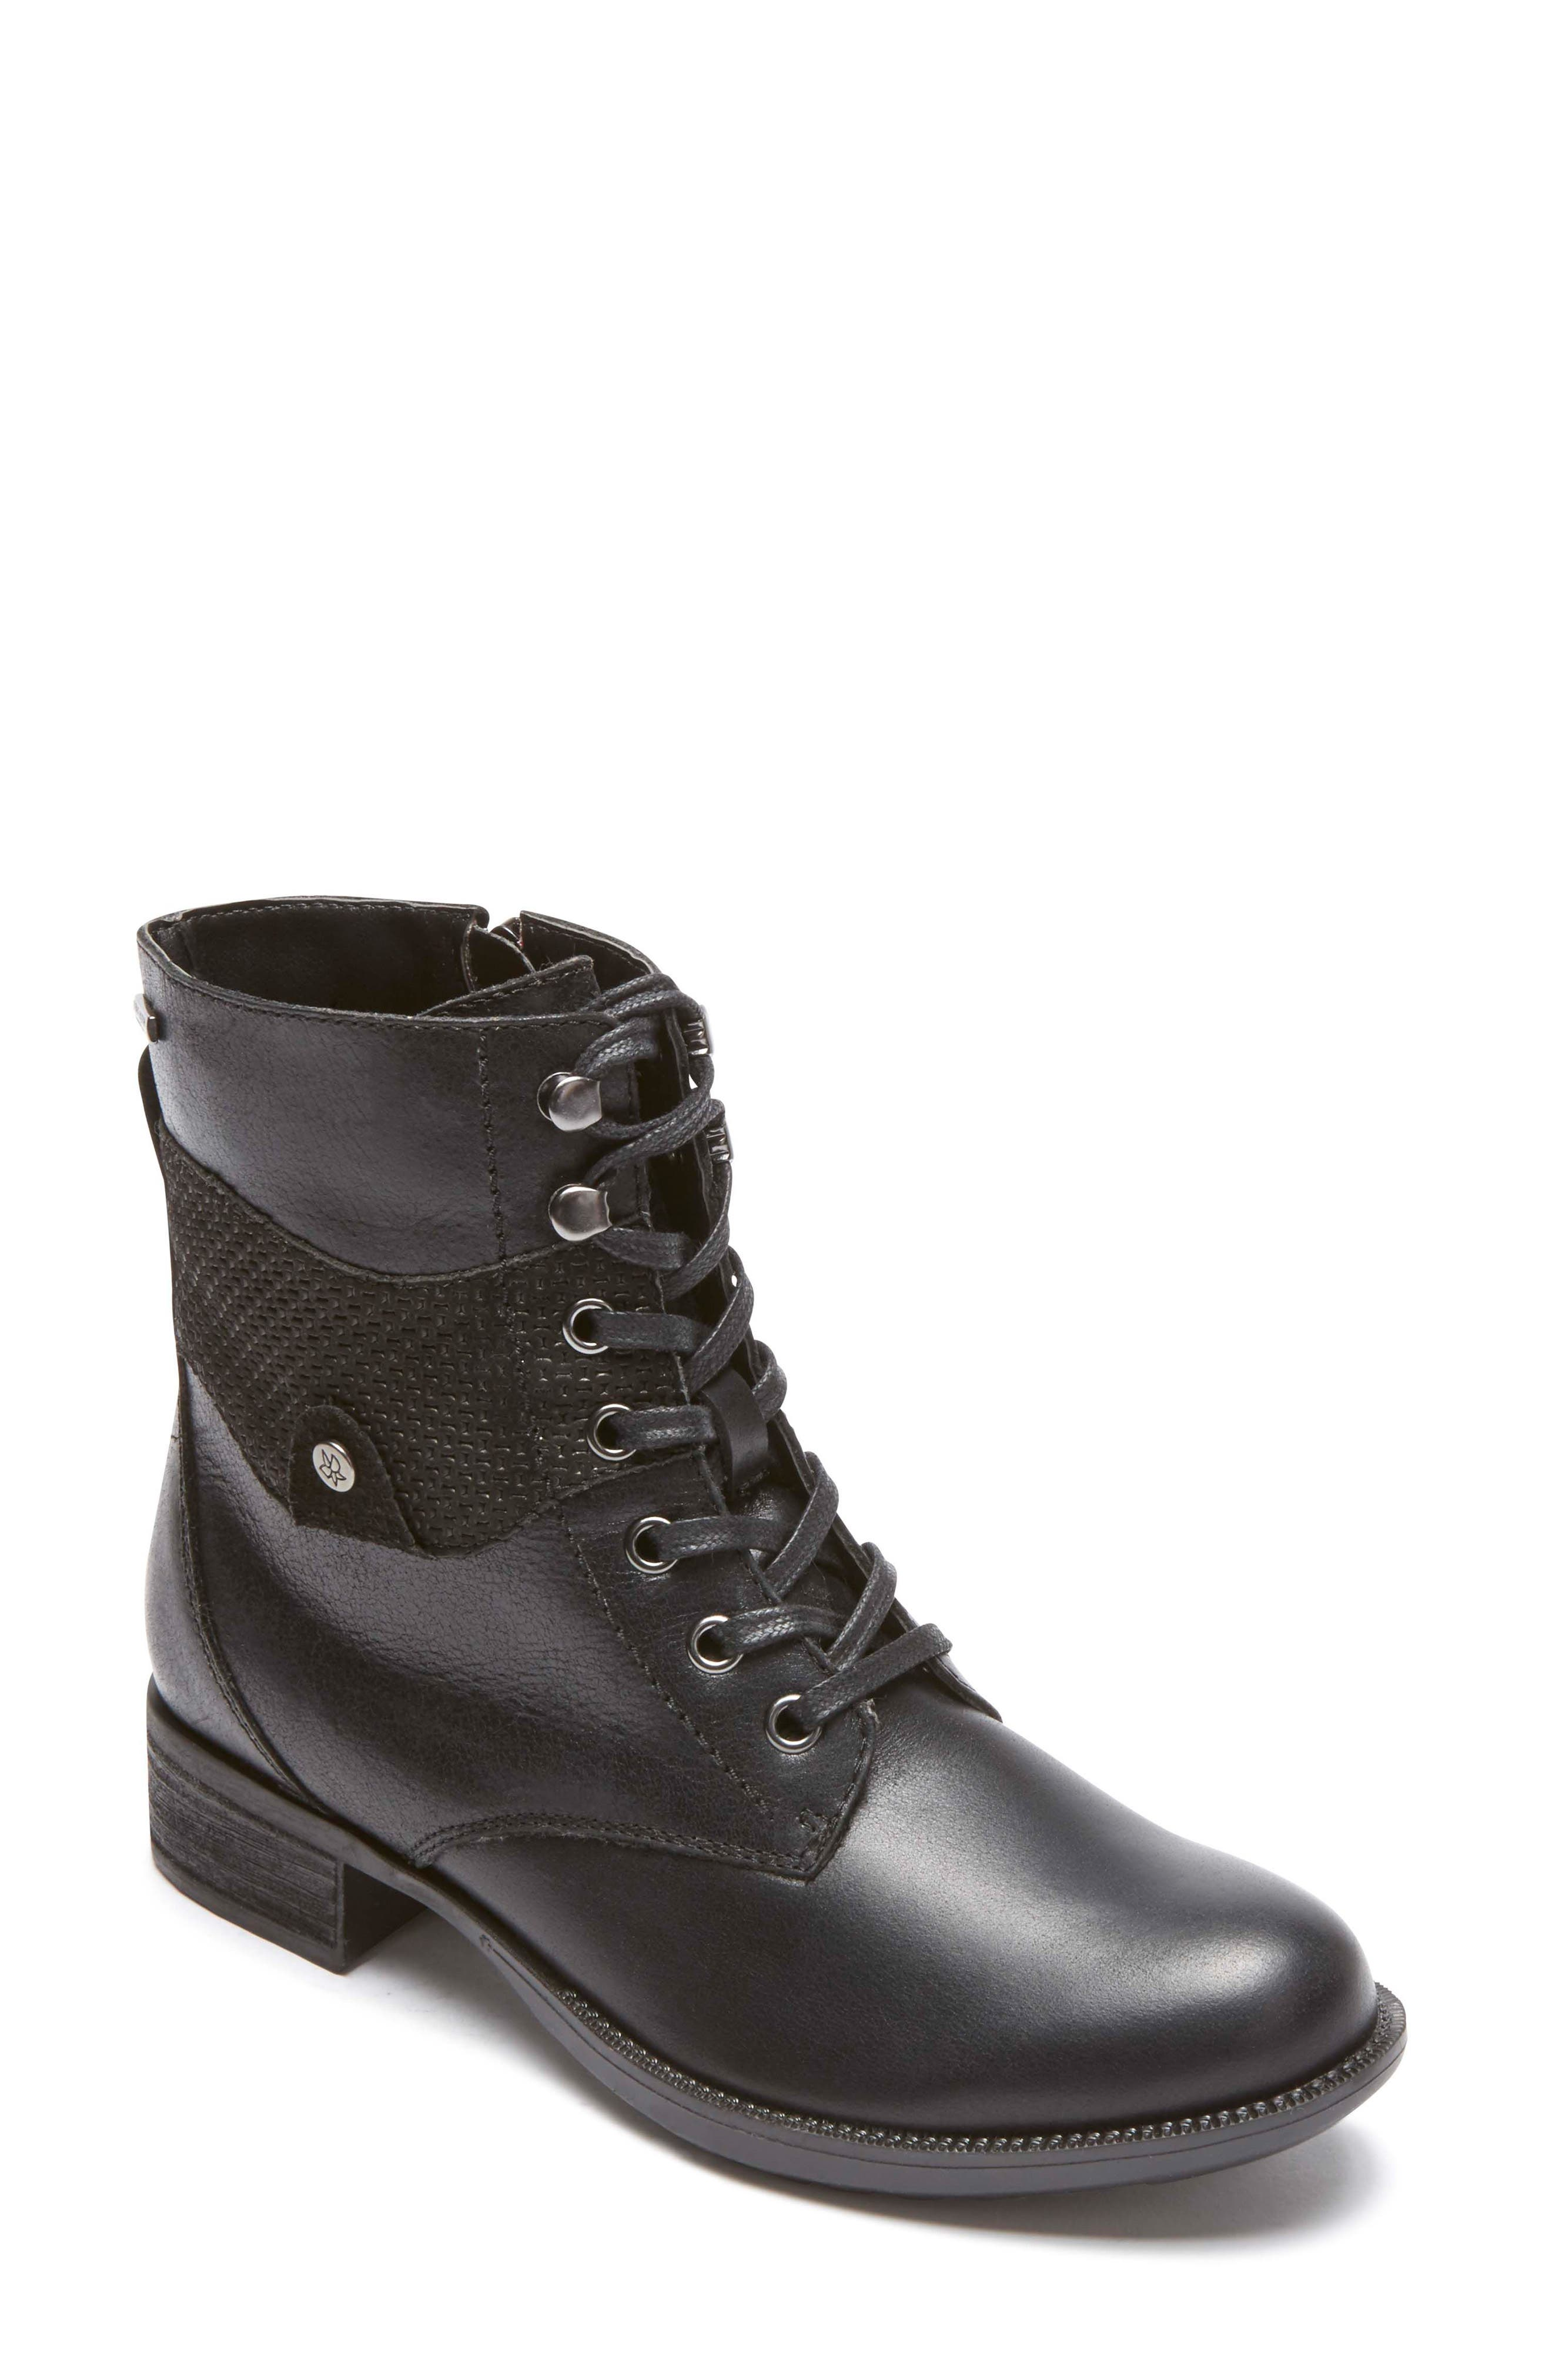 Main Image - Rockport Copley Waterproof Combat Boot (Women)